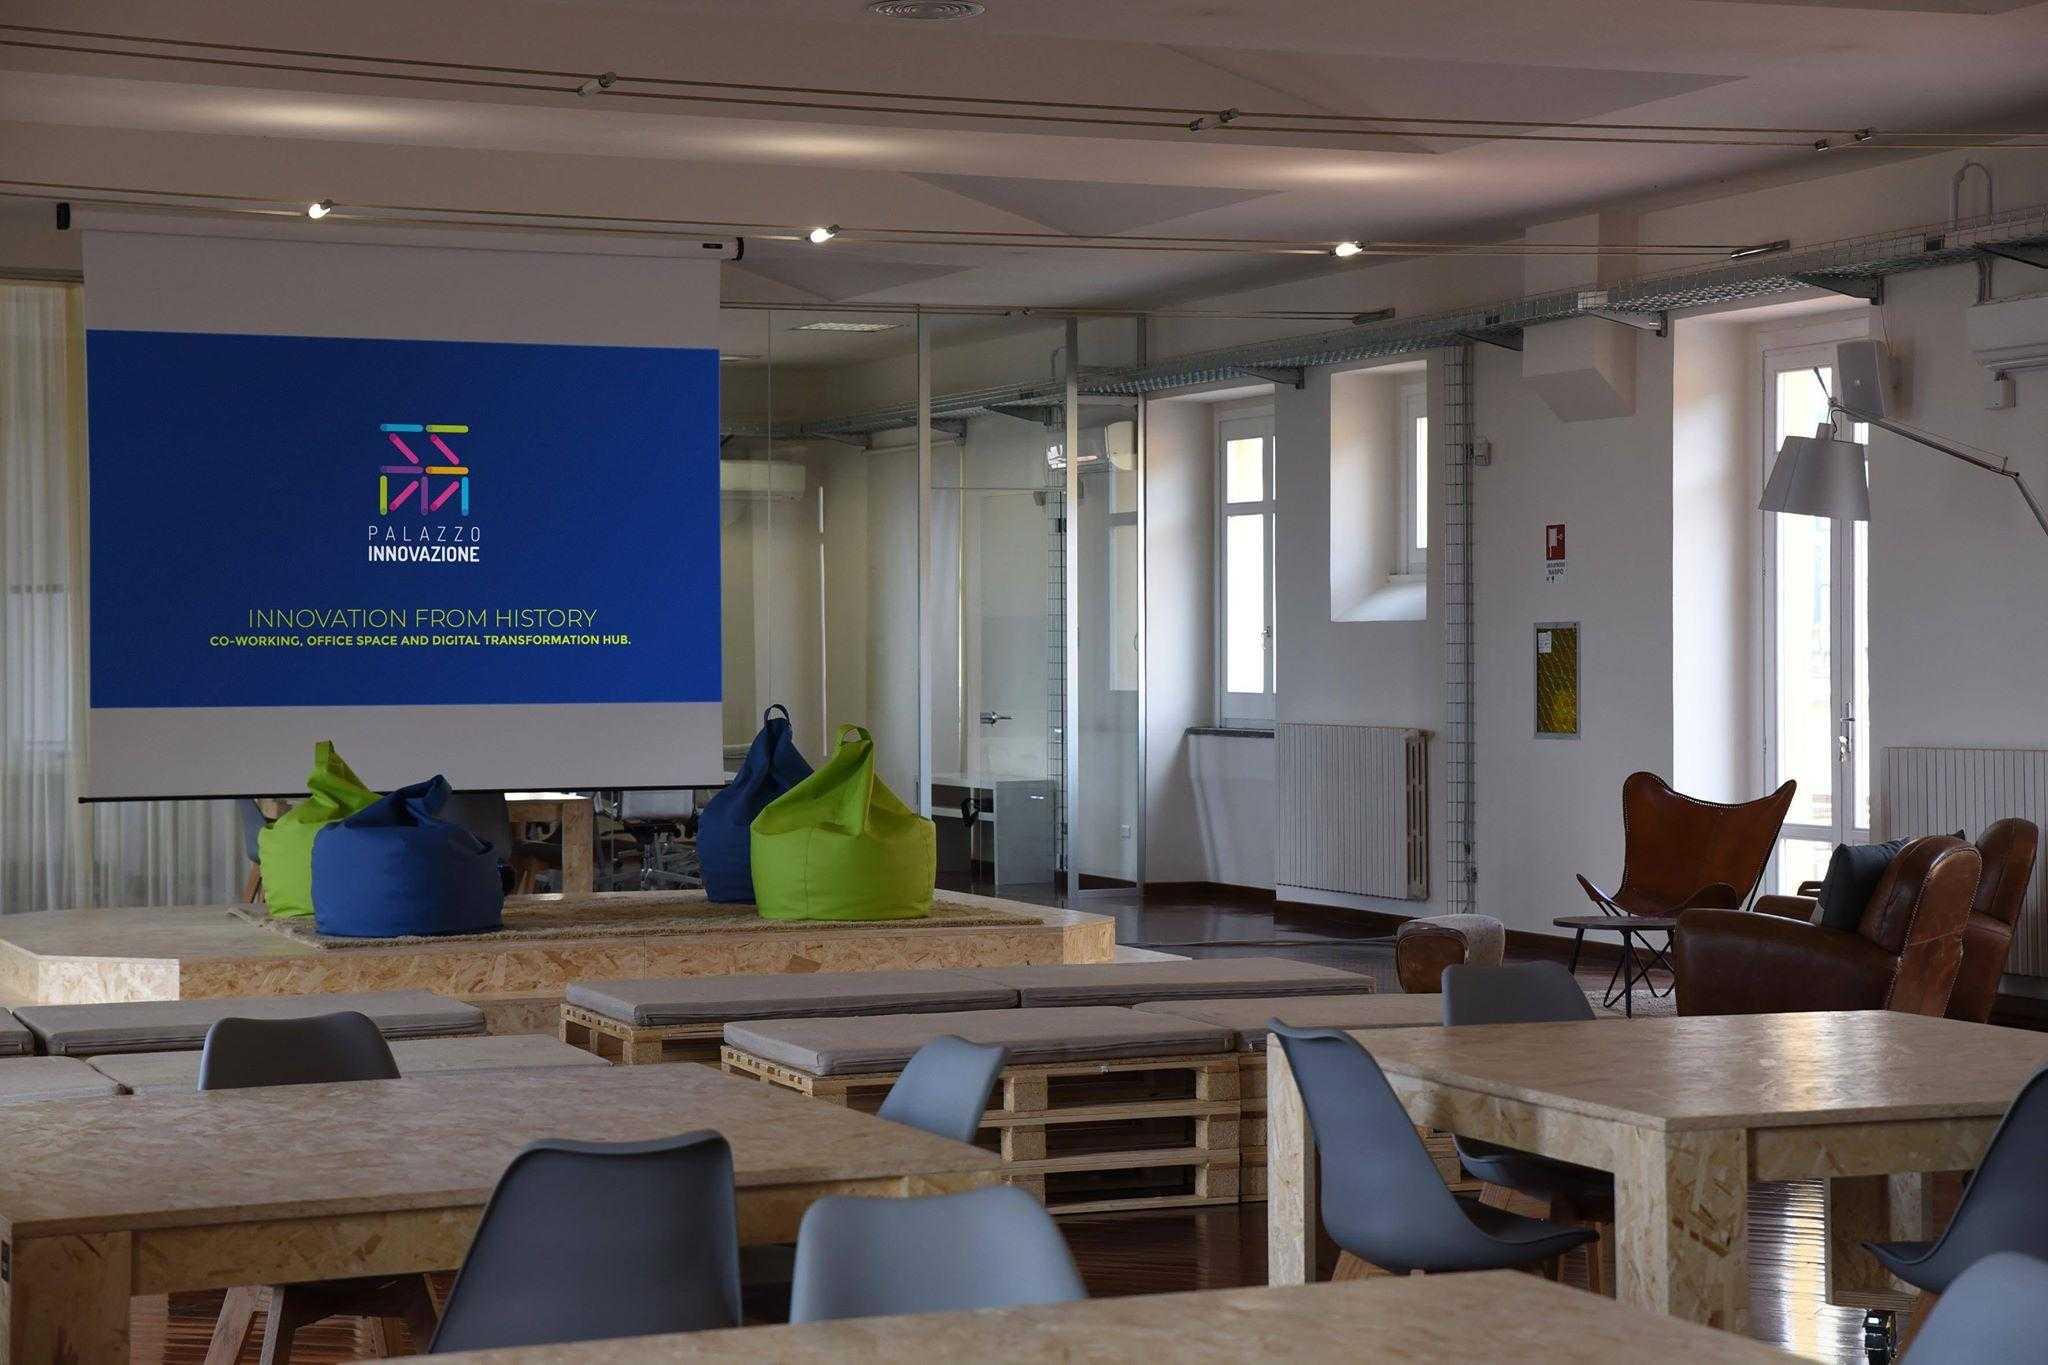 A Salerno un nuovo spazio per aziende, startup e investitori: inaugura Palazzo Innovazione